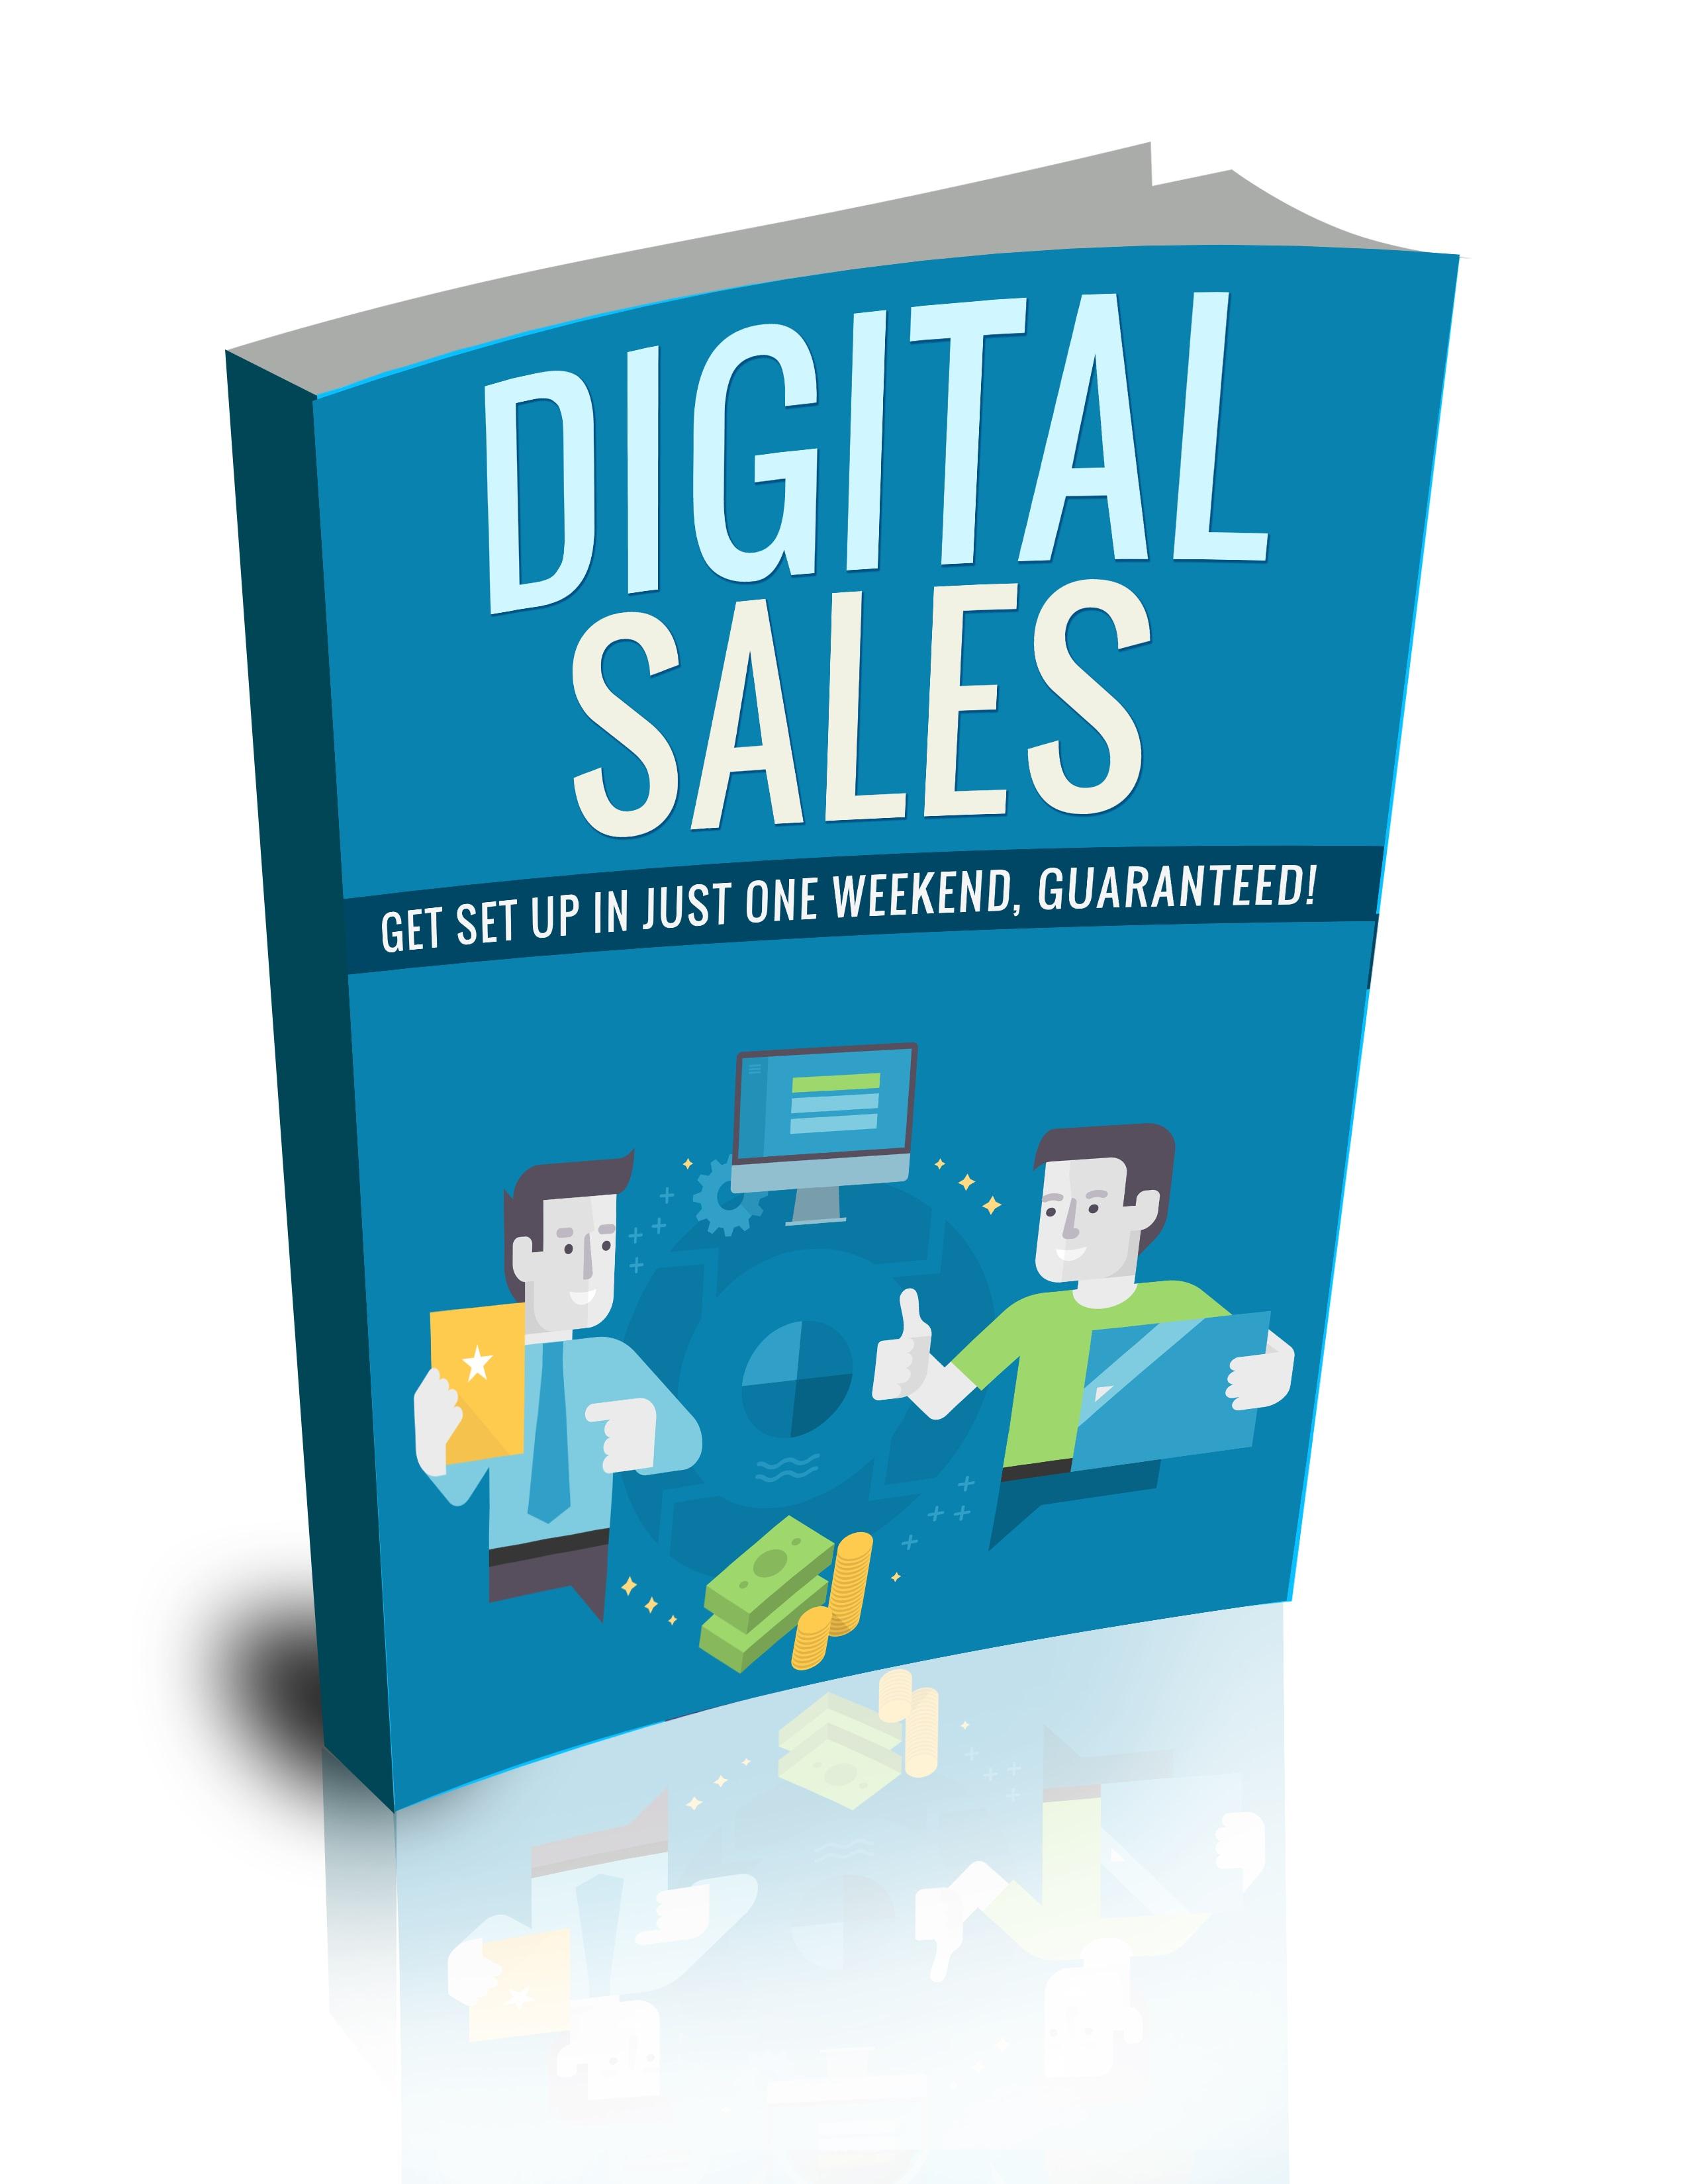 Digital Sales Package